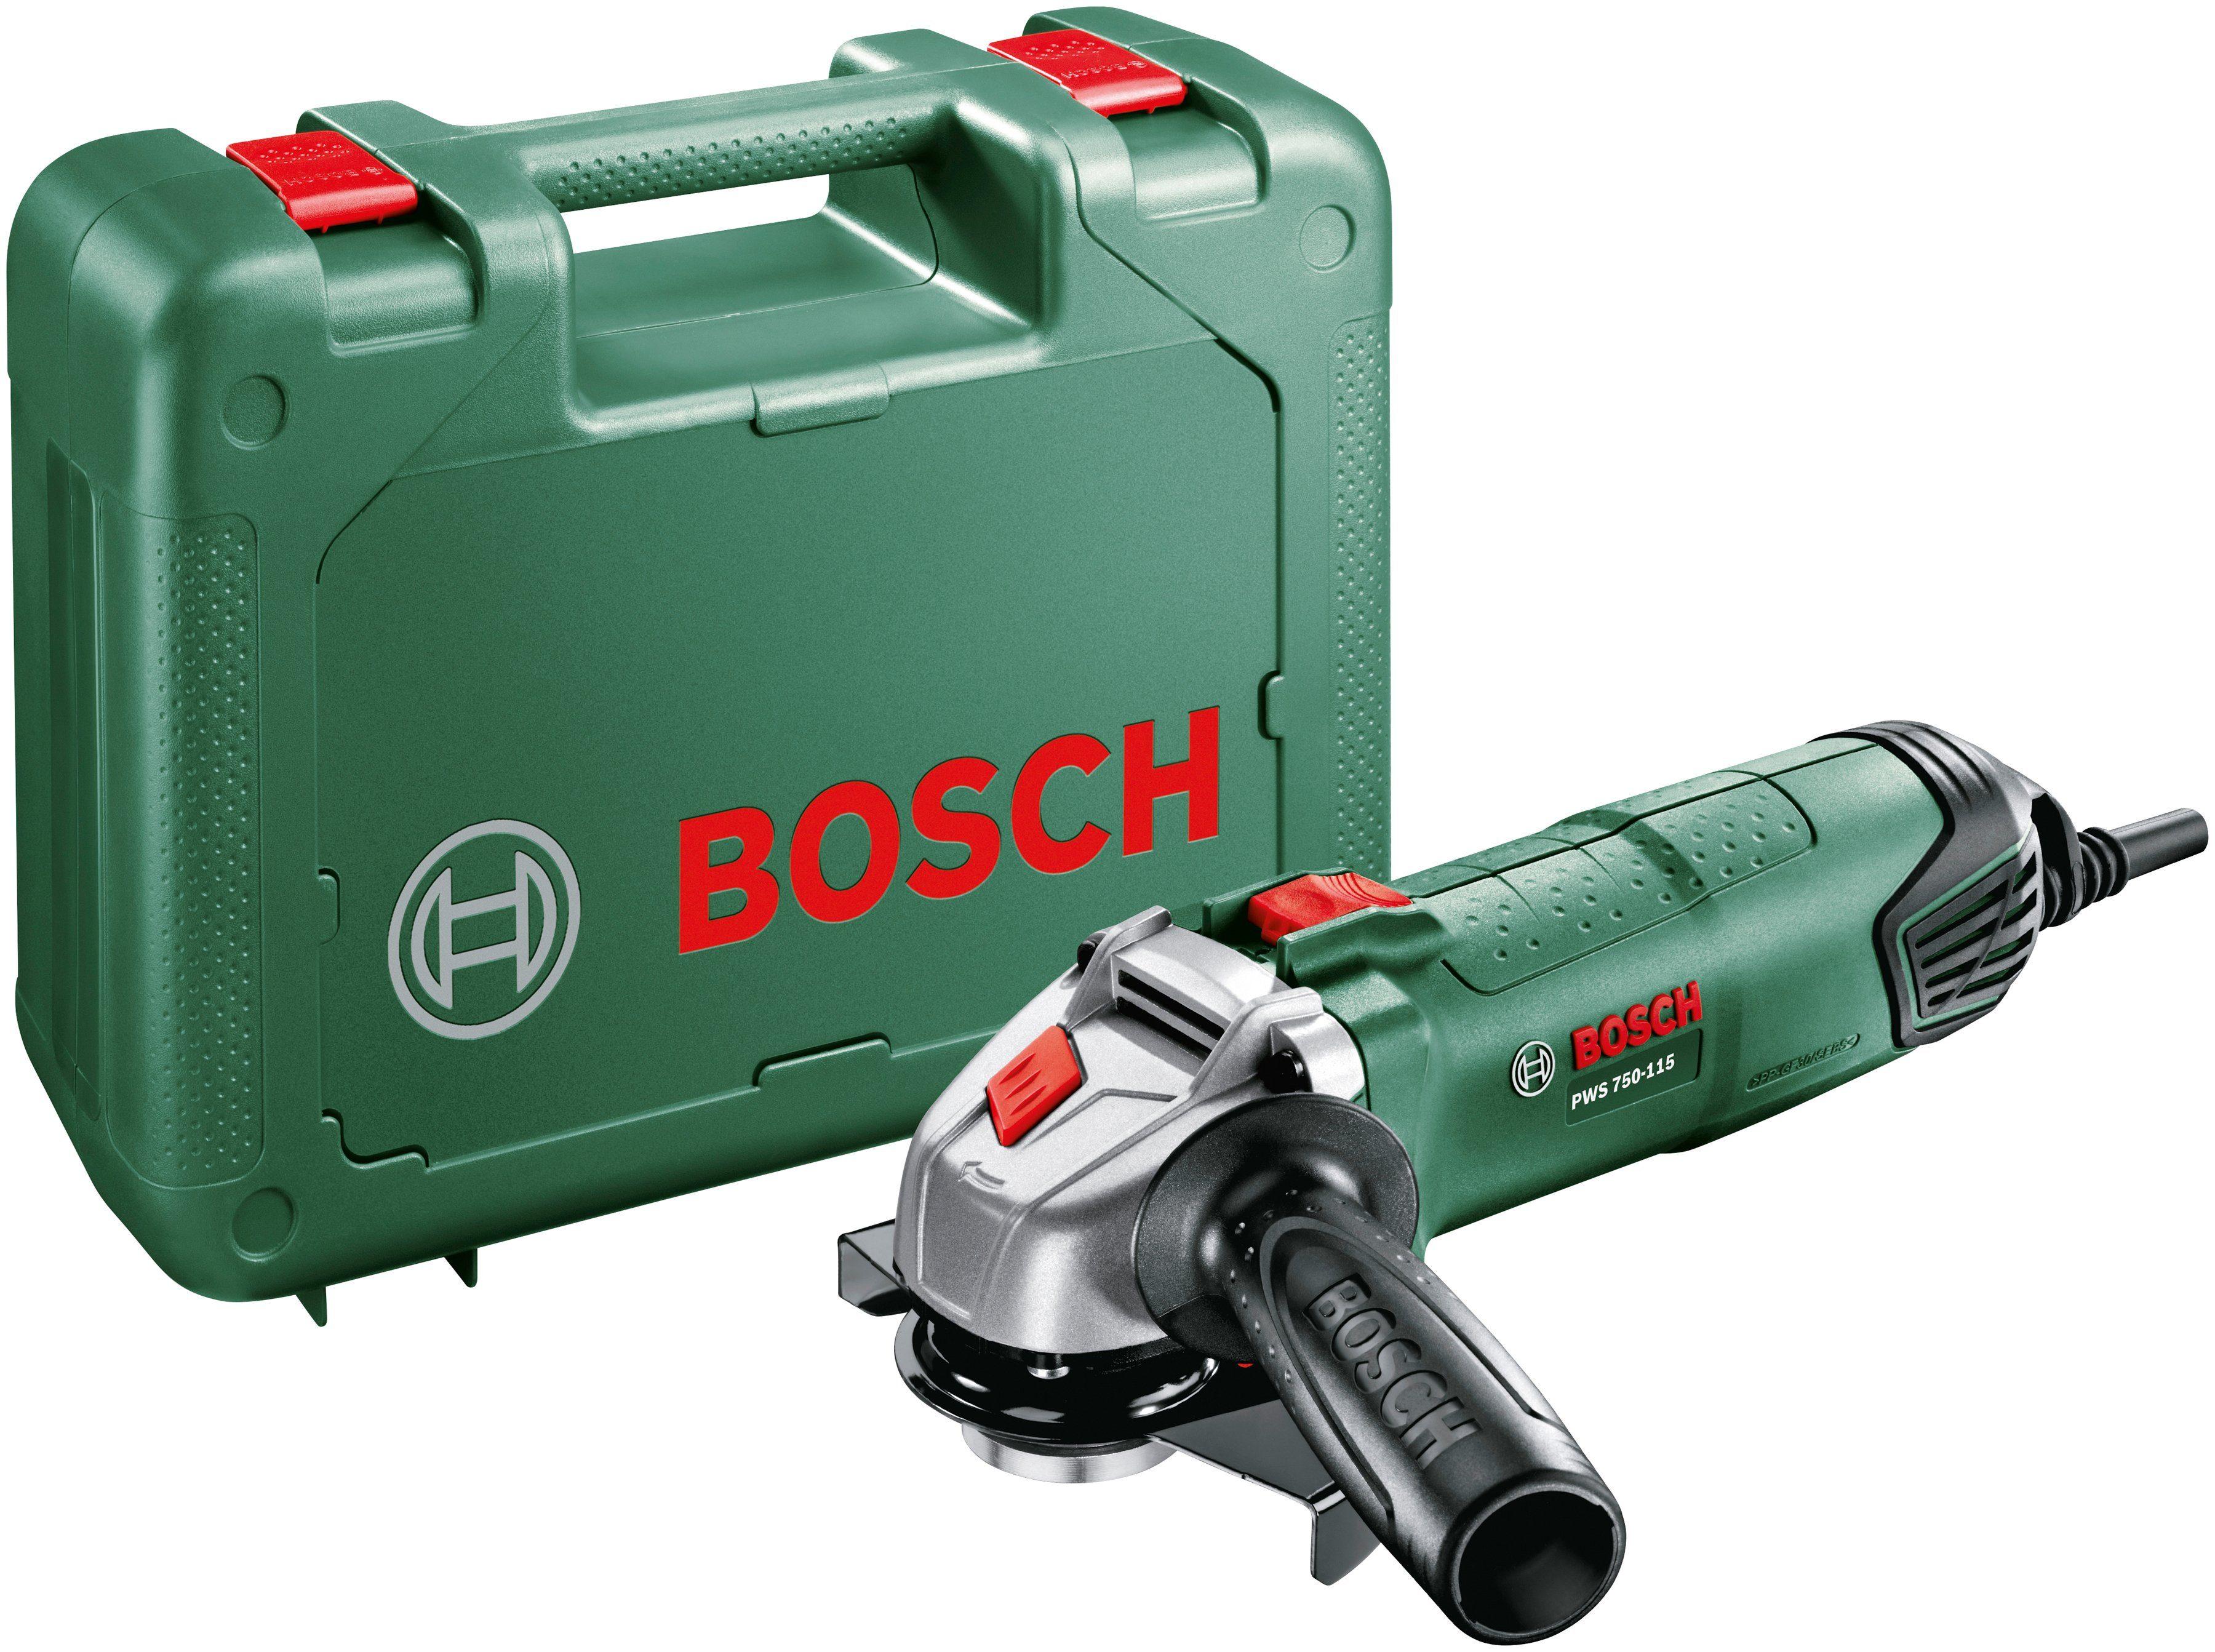 Bosch Winkelschleifer »PWS 750-115«